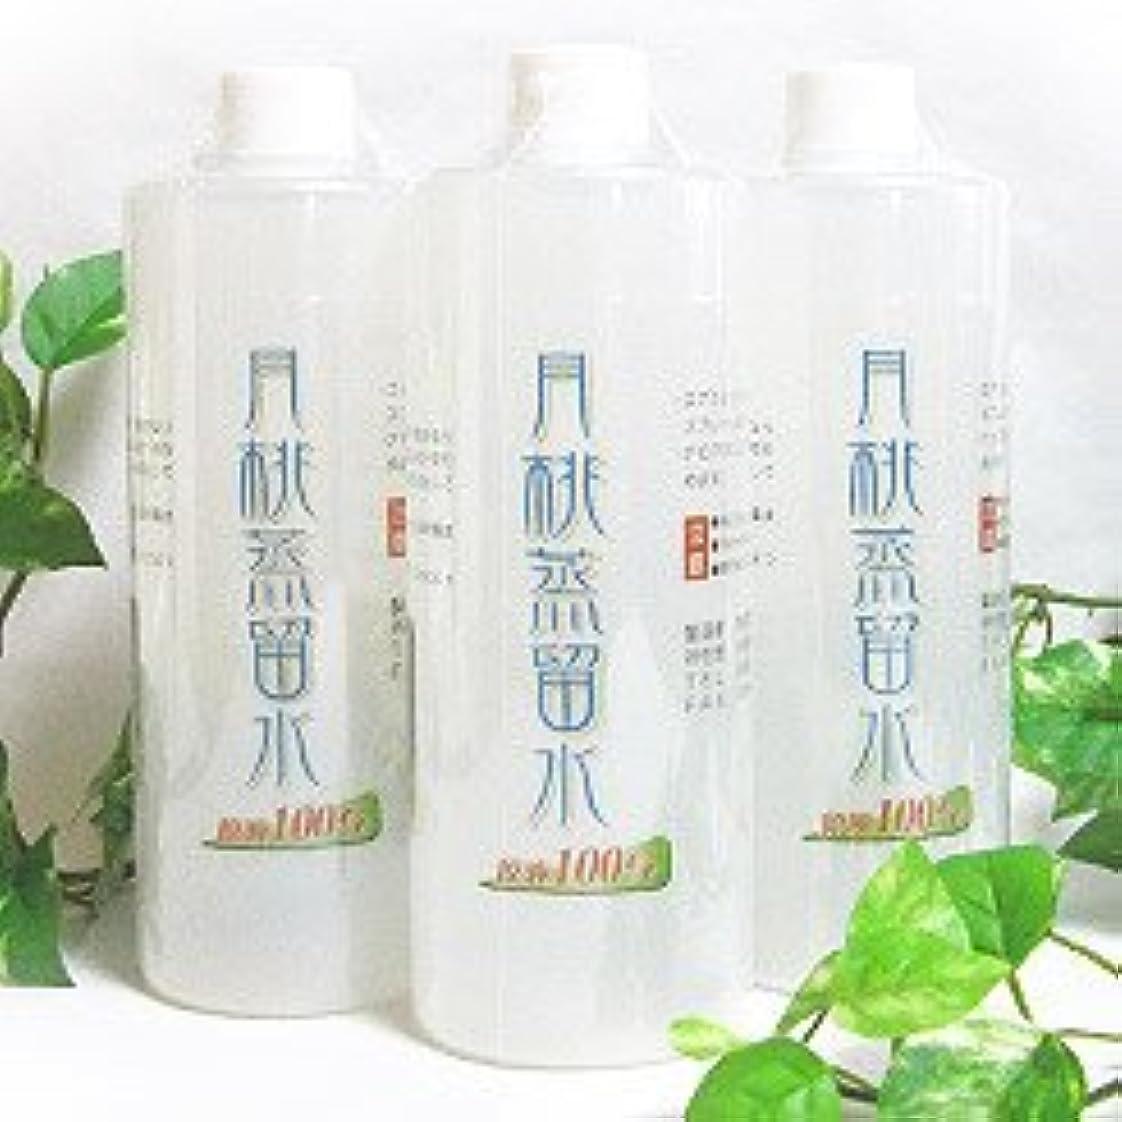 コマースブレースアシスト無添加天然ハーブ水 月桃蒸留水 3本セット 500ml×3本